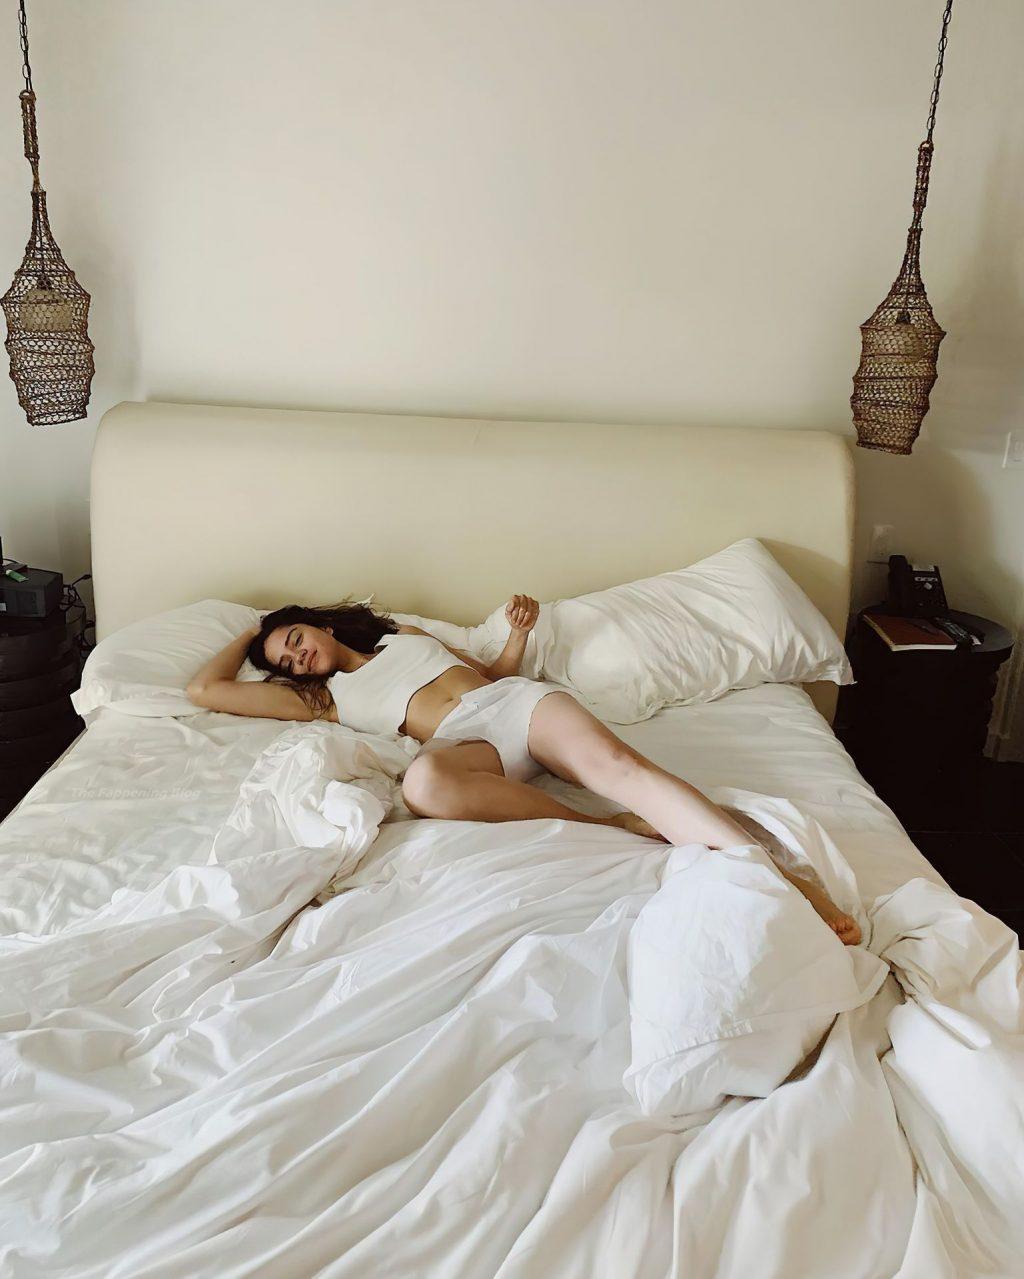 Sasha Calle Sexy & Topless (9 Photos)